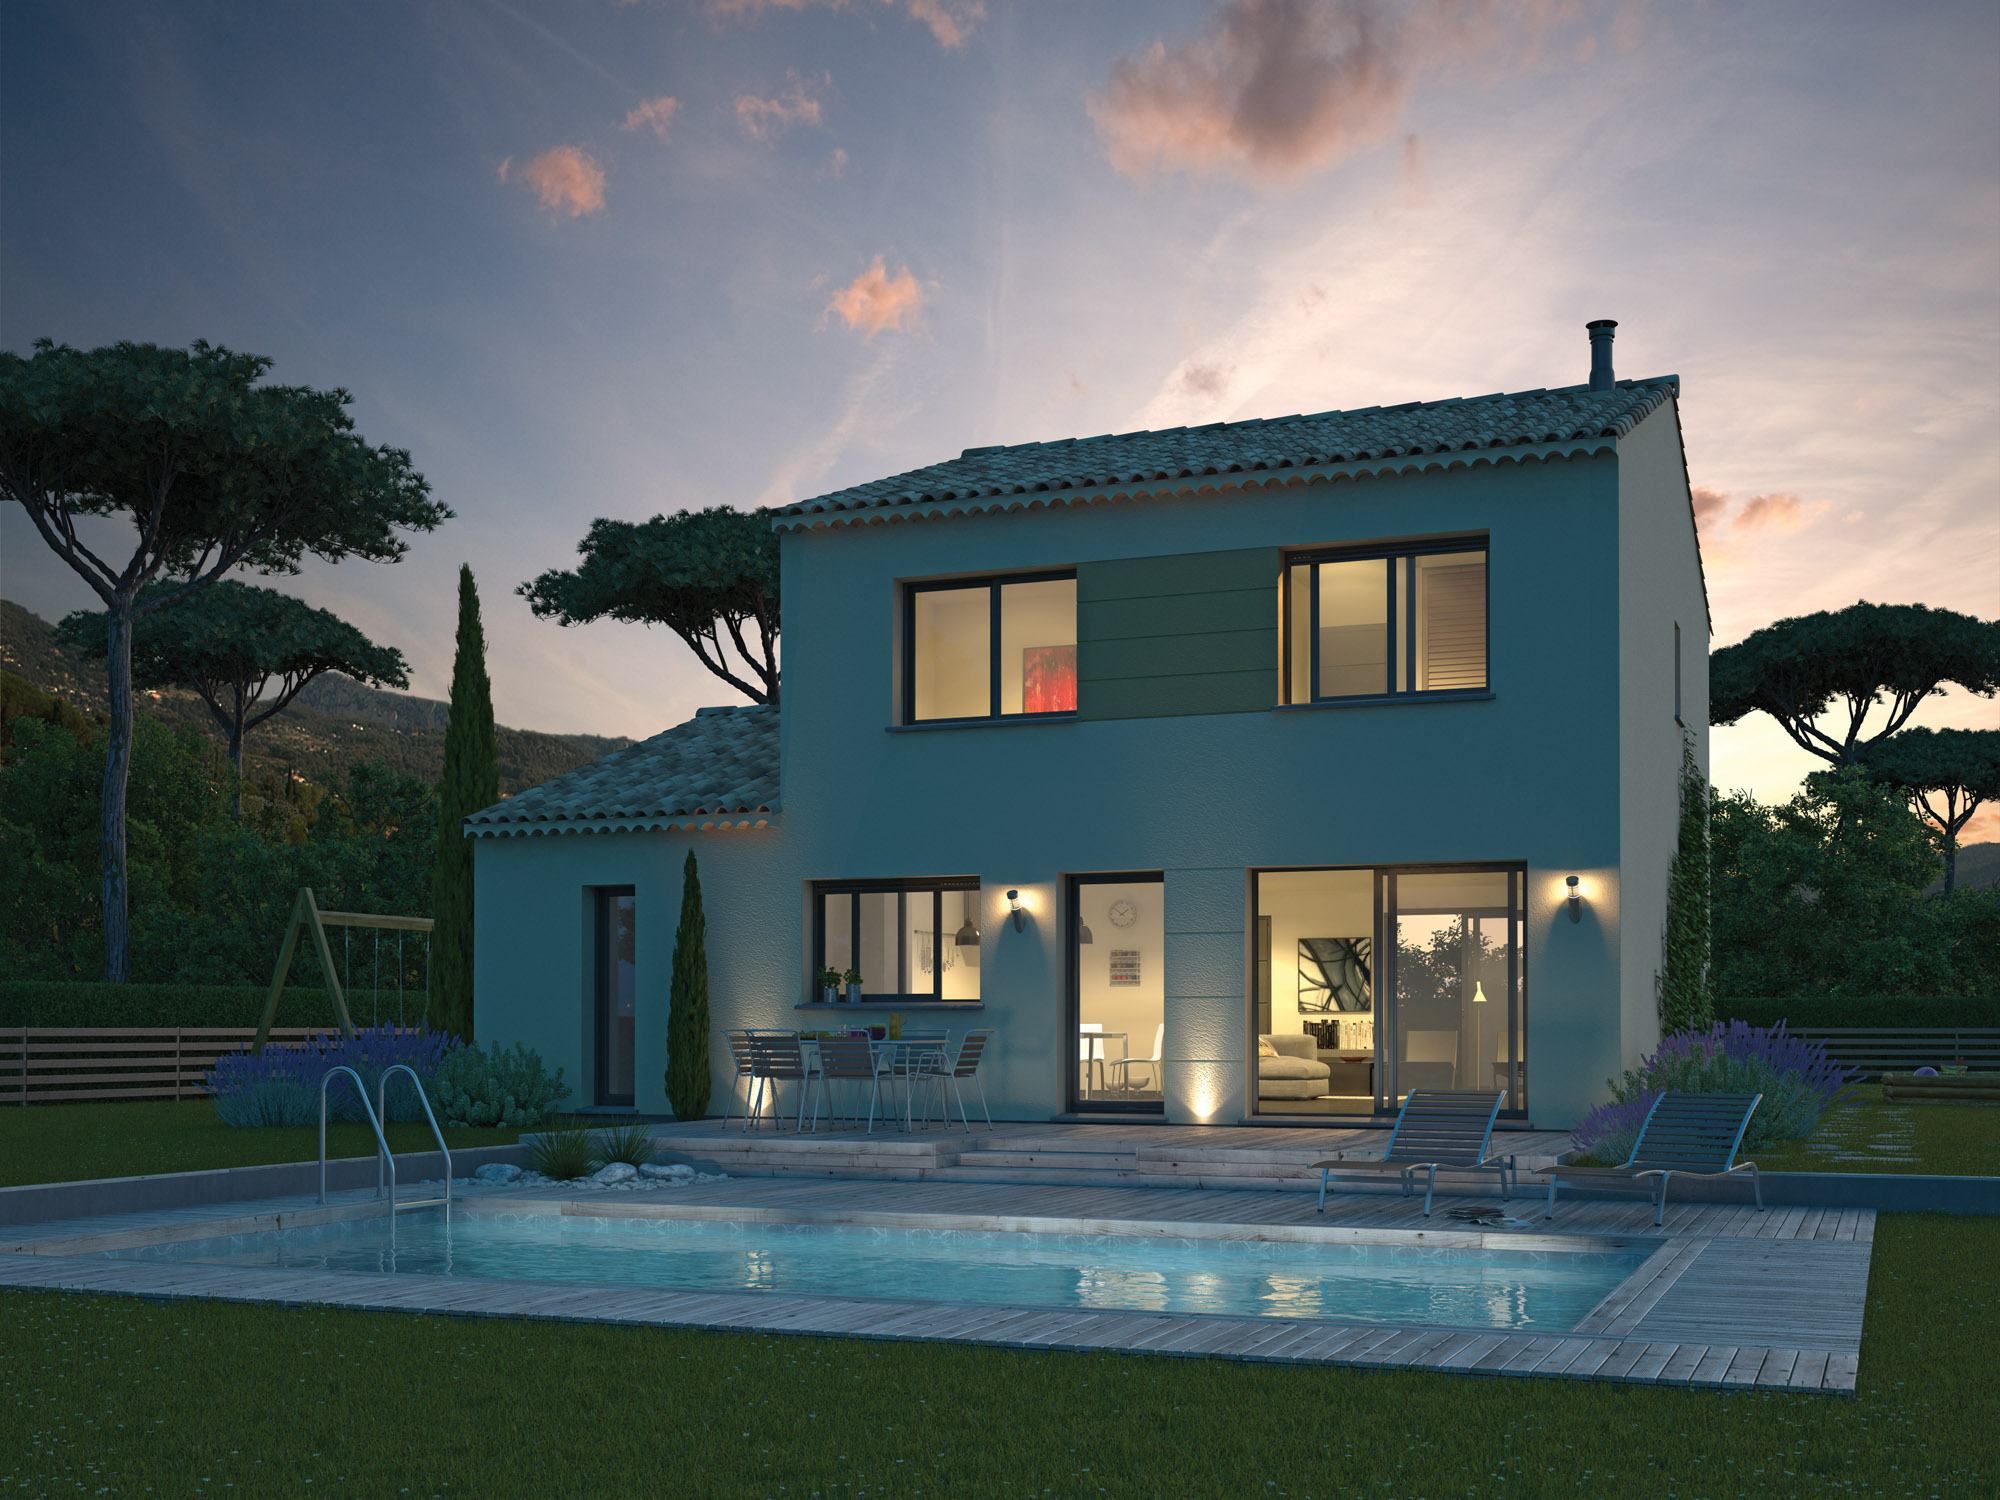 Maisons + Terrains du constructeur MAISON FAMILIALE • 120 m² • CASTELNAU LE LEZ